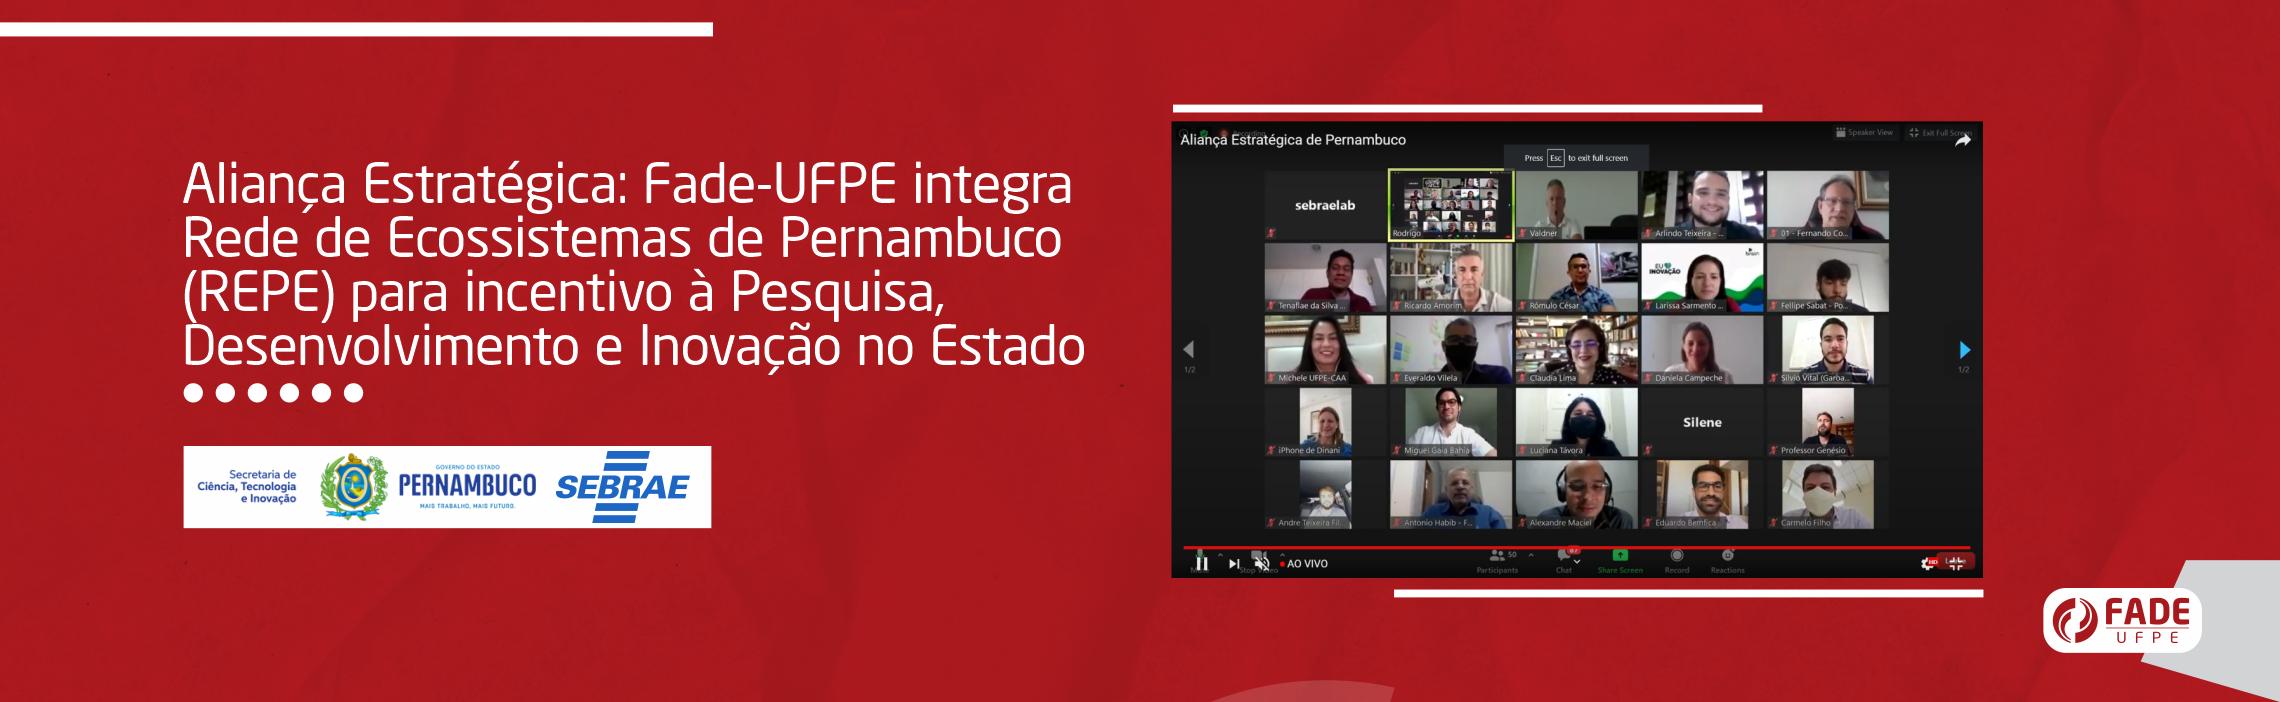 Aliança Estratégica: Fade-UFPE integra Rede de Ecossistemas de Pernambuco (REPE) para incentivo à Pesquisa, Desenvolvimento e Inovação no Estado